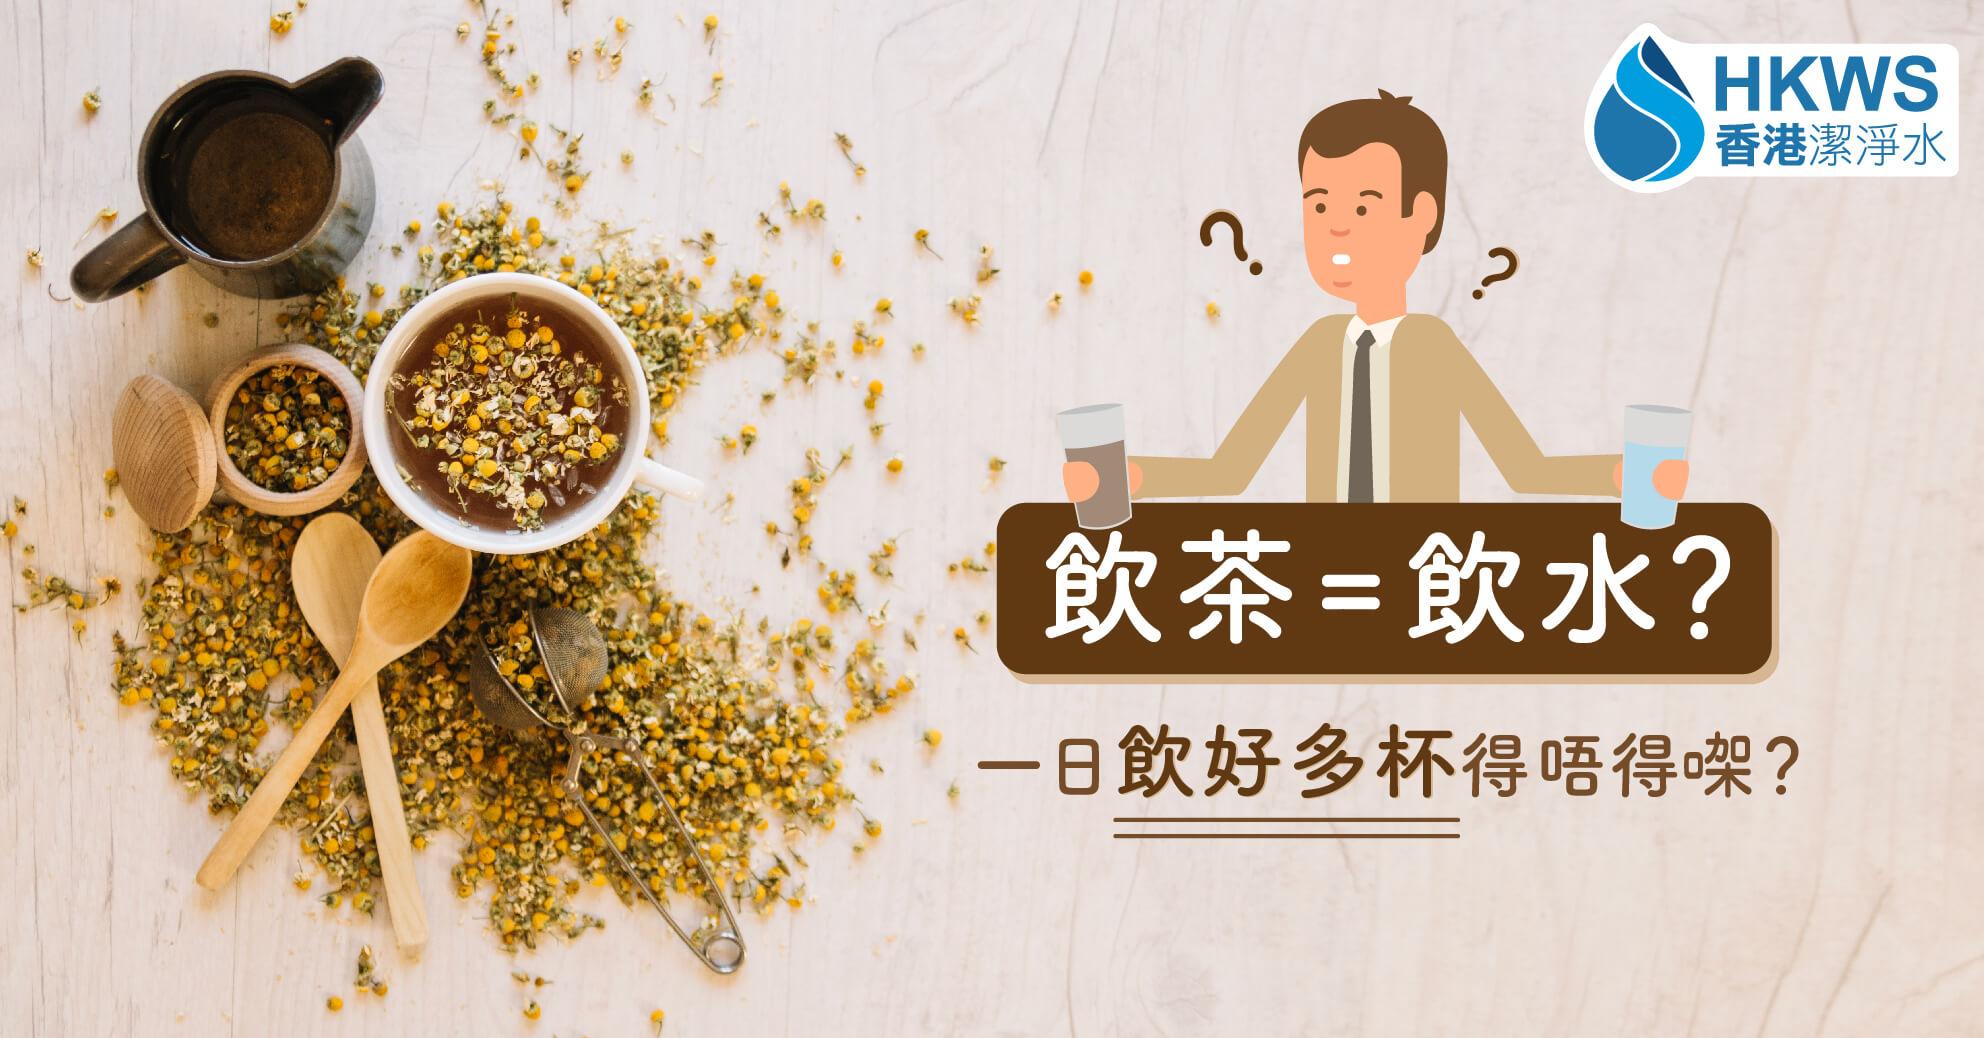 喝茶是否等同於喝水?沒咖啡因的都ok!